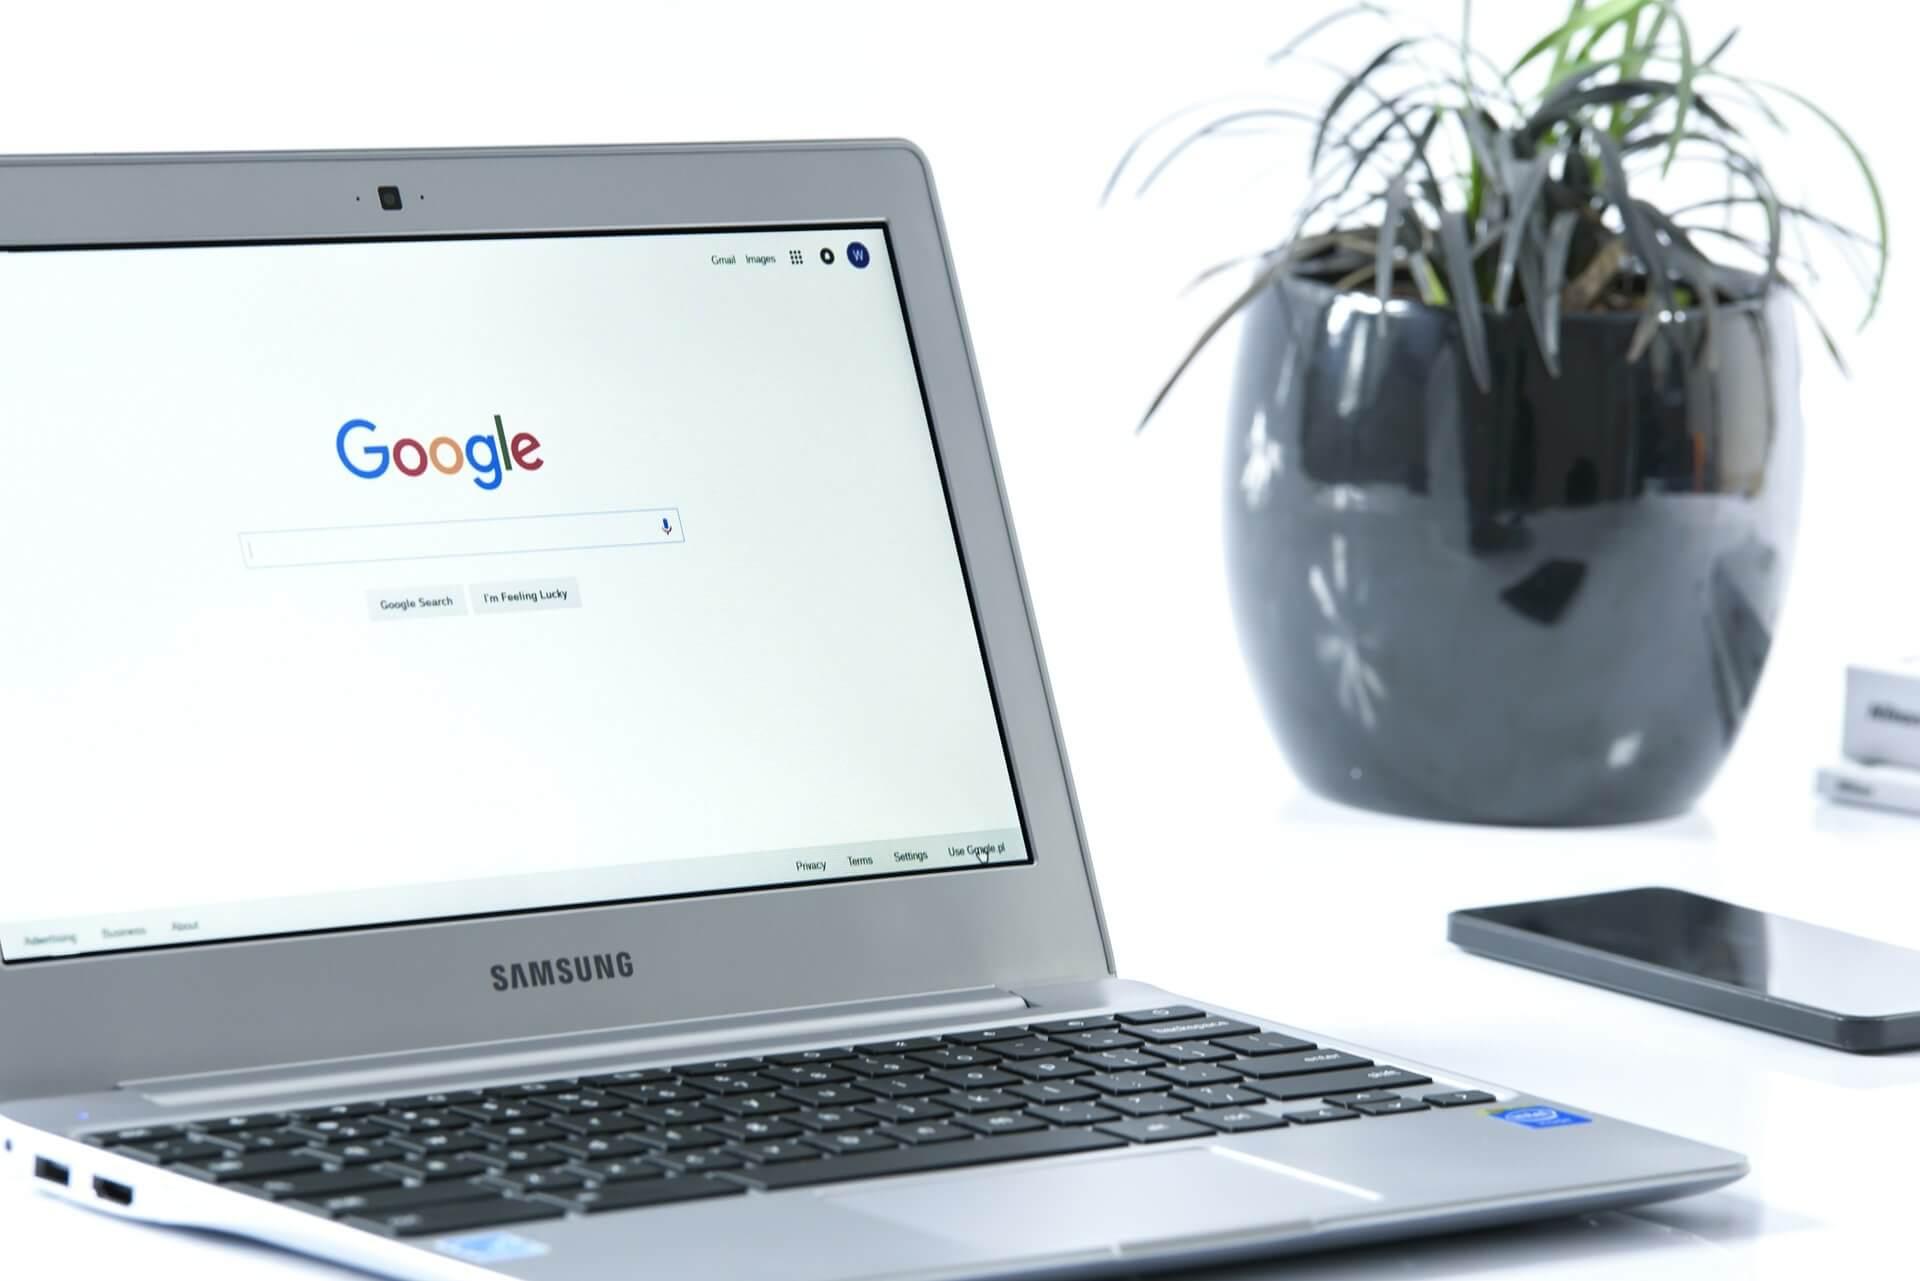 Laptop: Google Search geöffnet